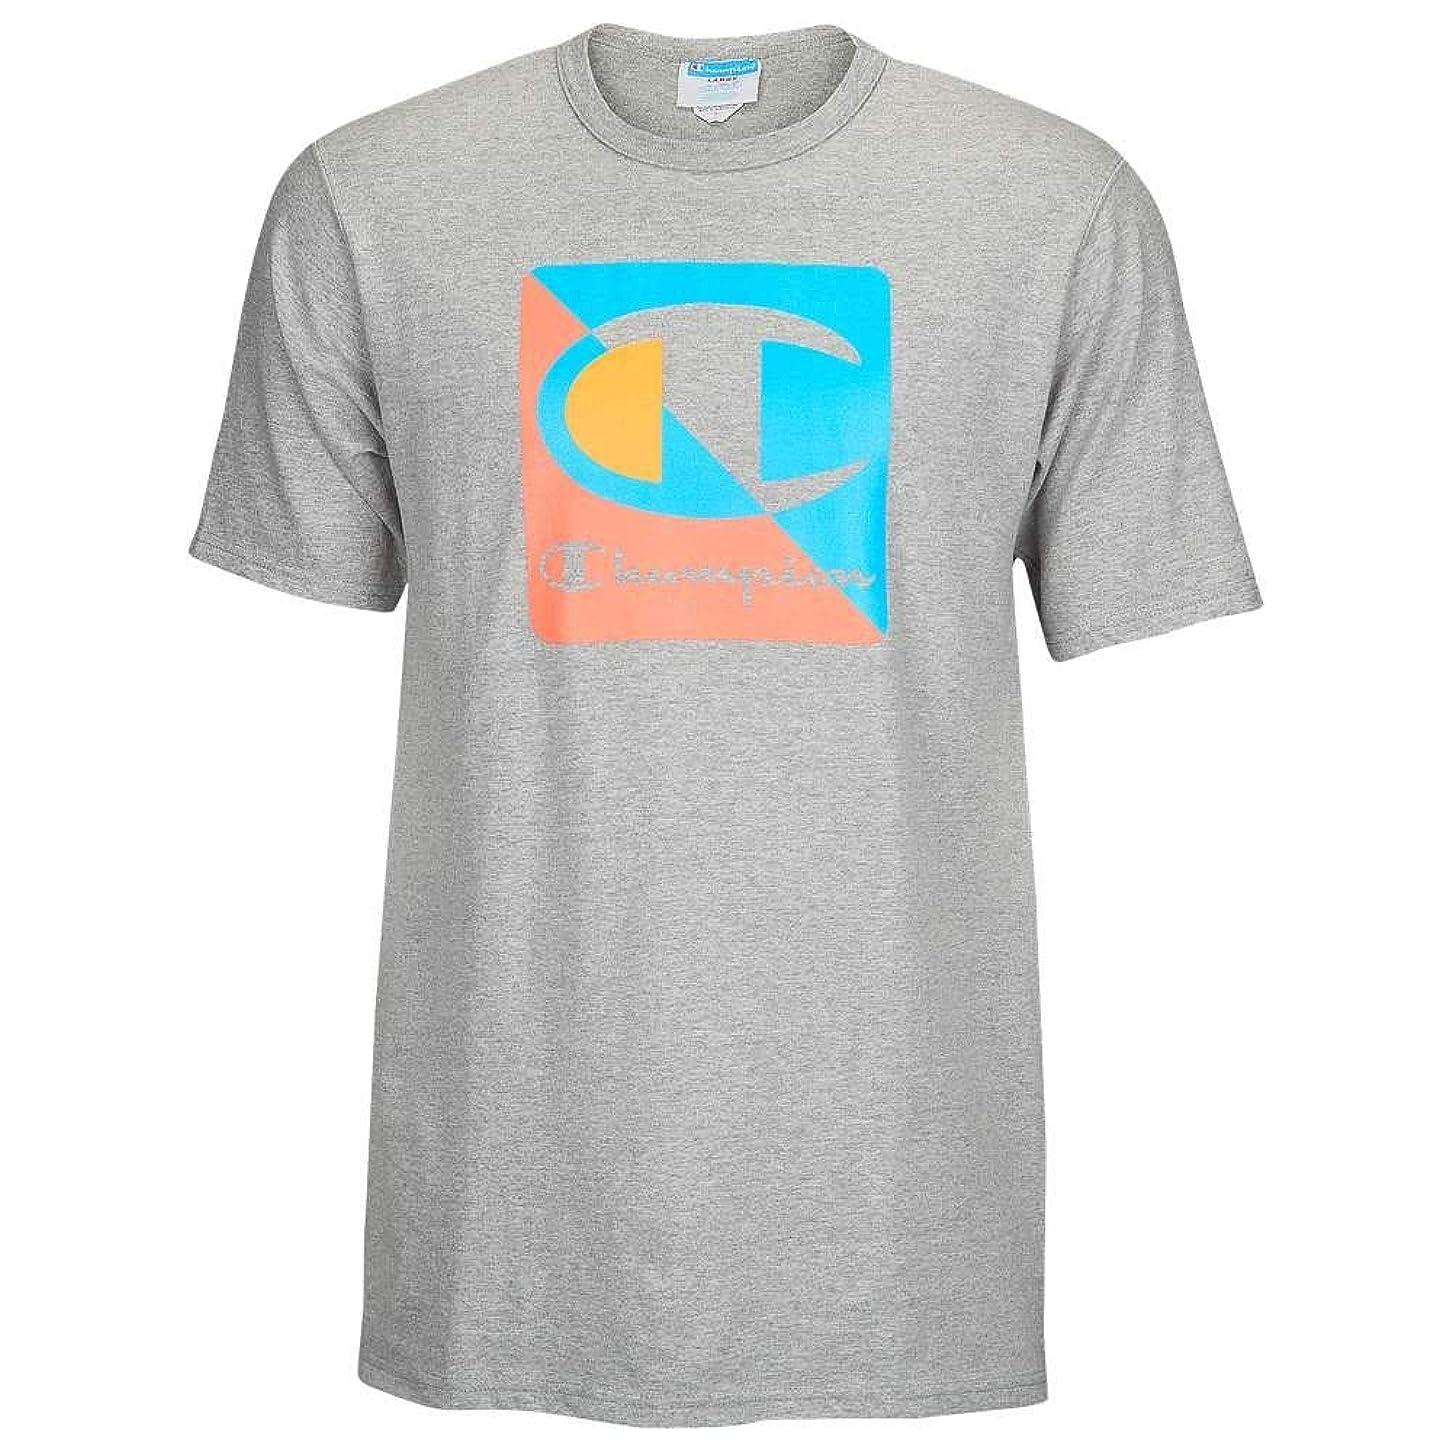 引き付けるリダクター人間(チャンピオン) Champion メンズ トップス Tシャツ Graphic Short Sleeve T-Shirt [並行輸入品]